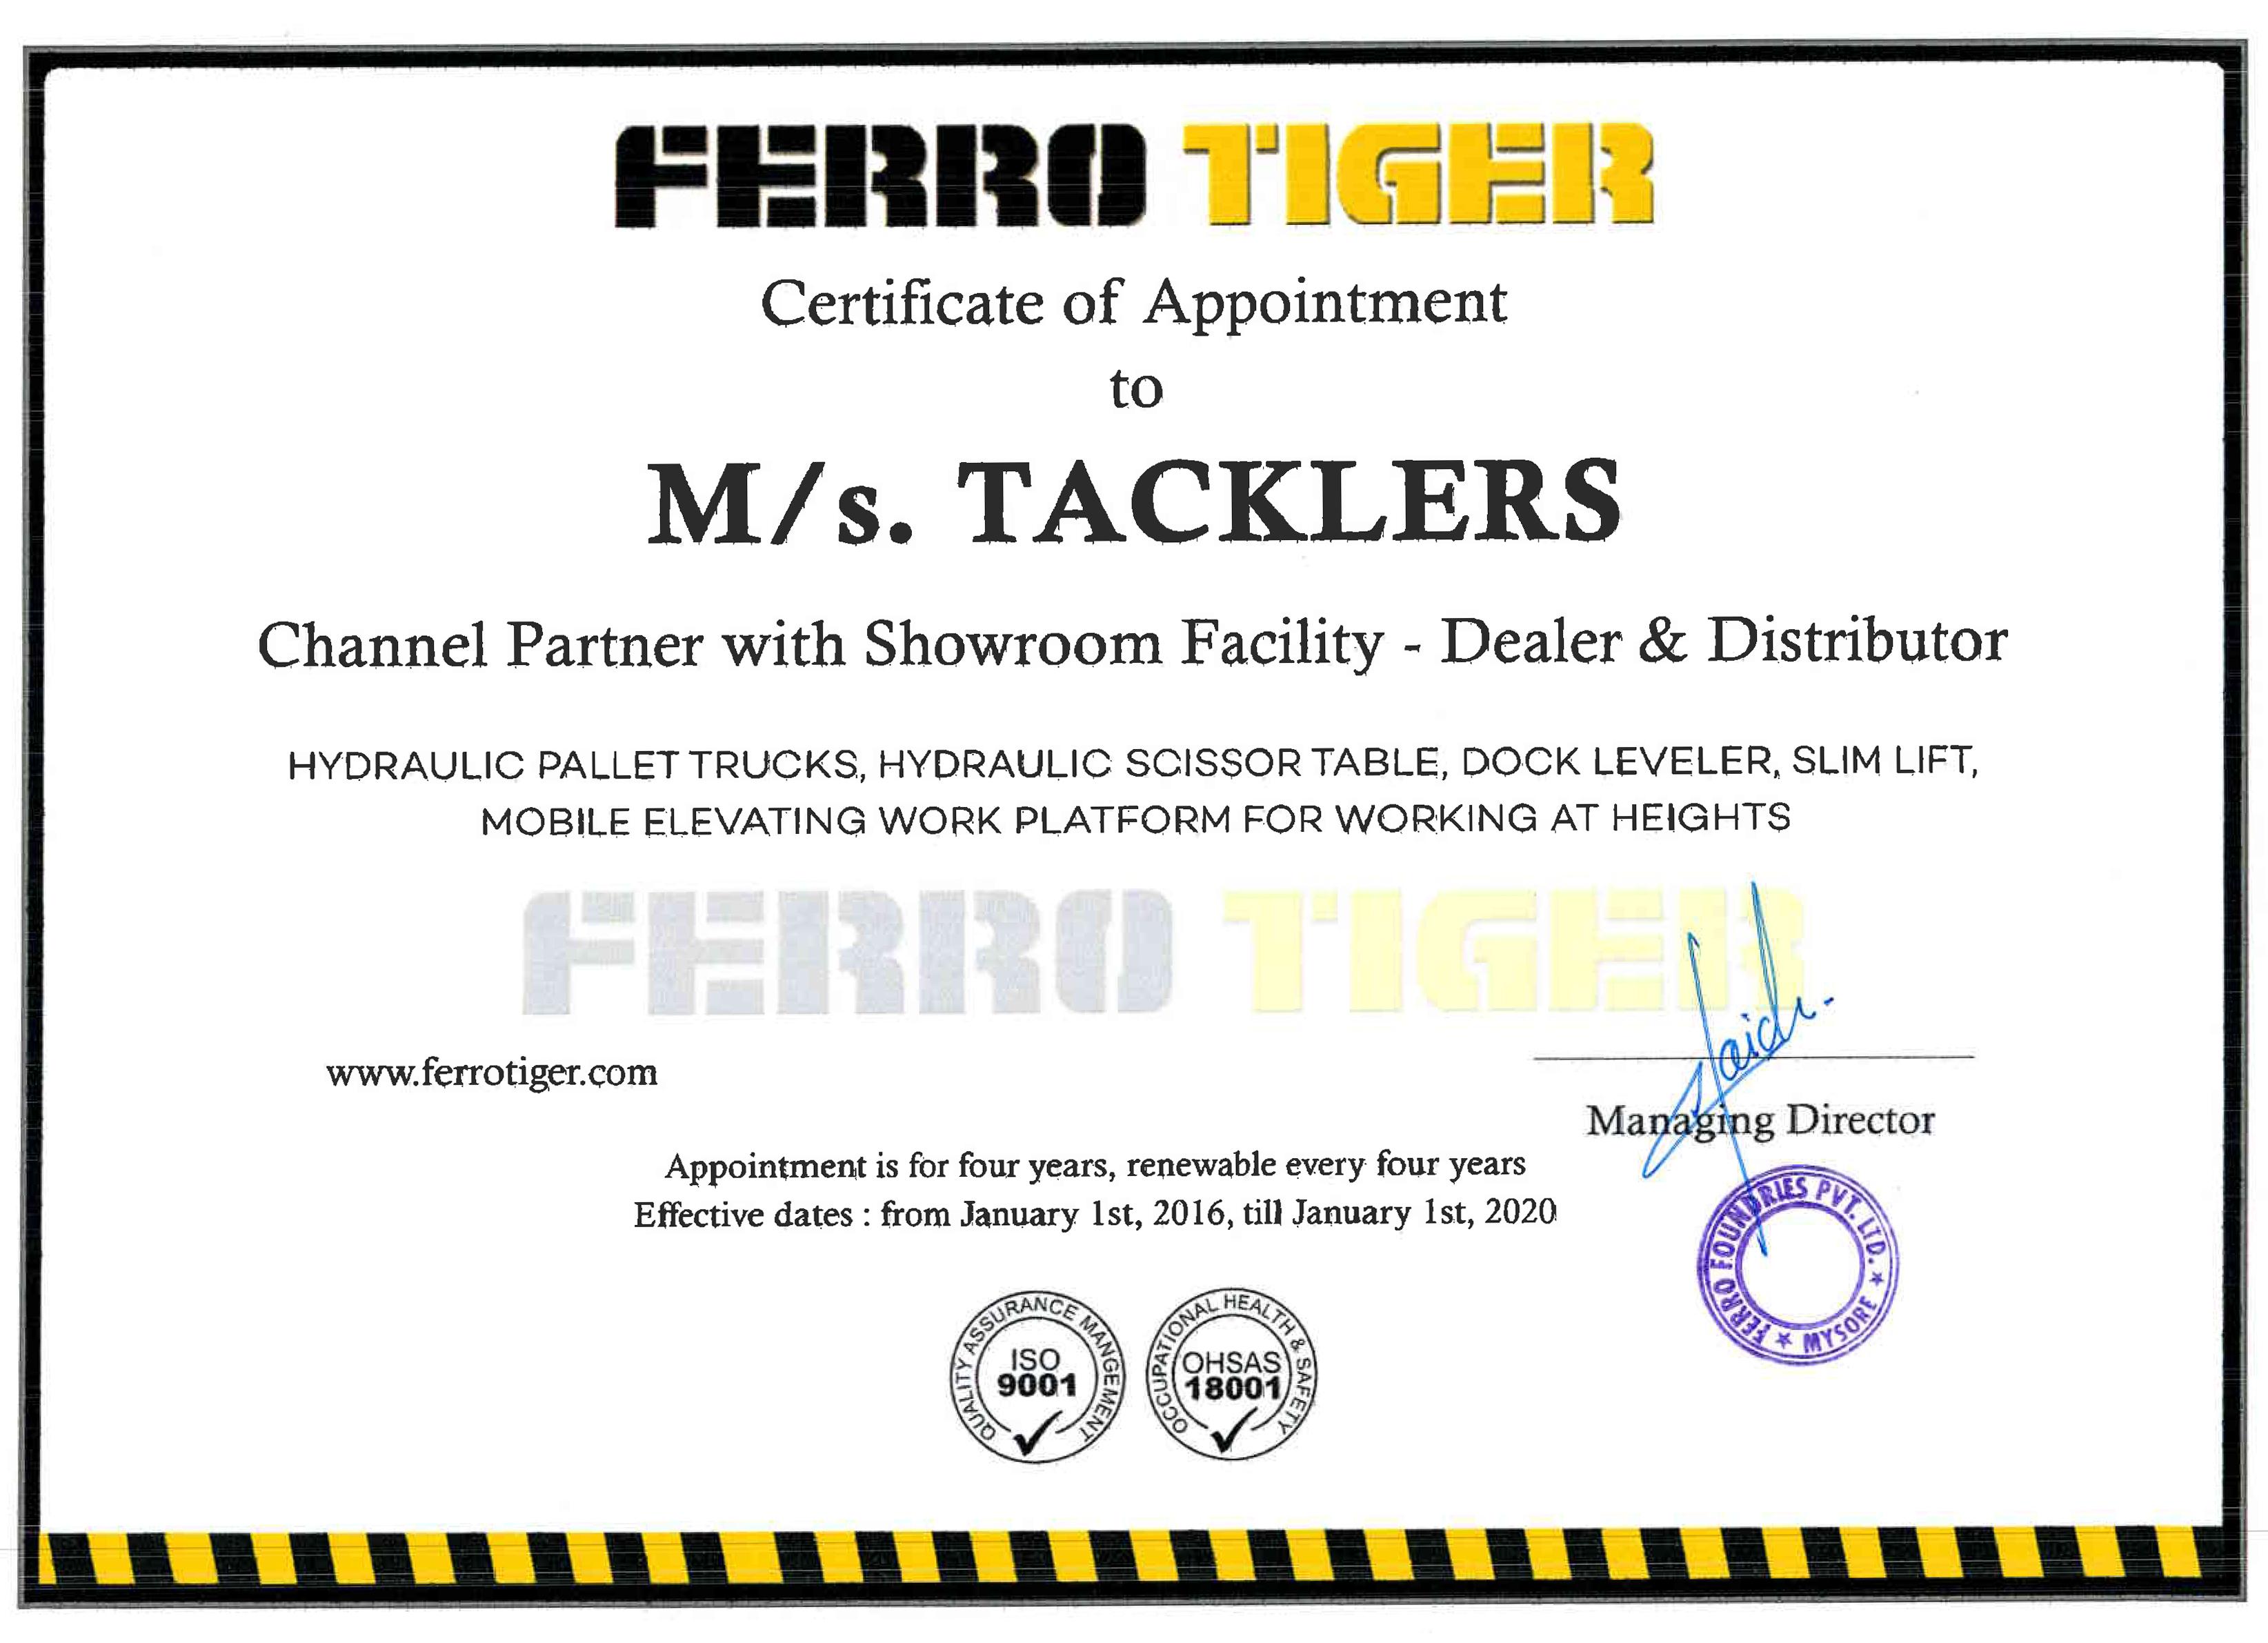 Ferro Tiger Certificate